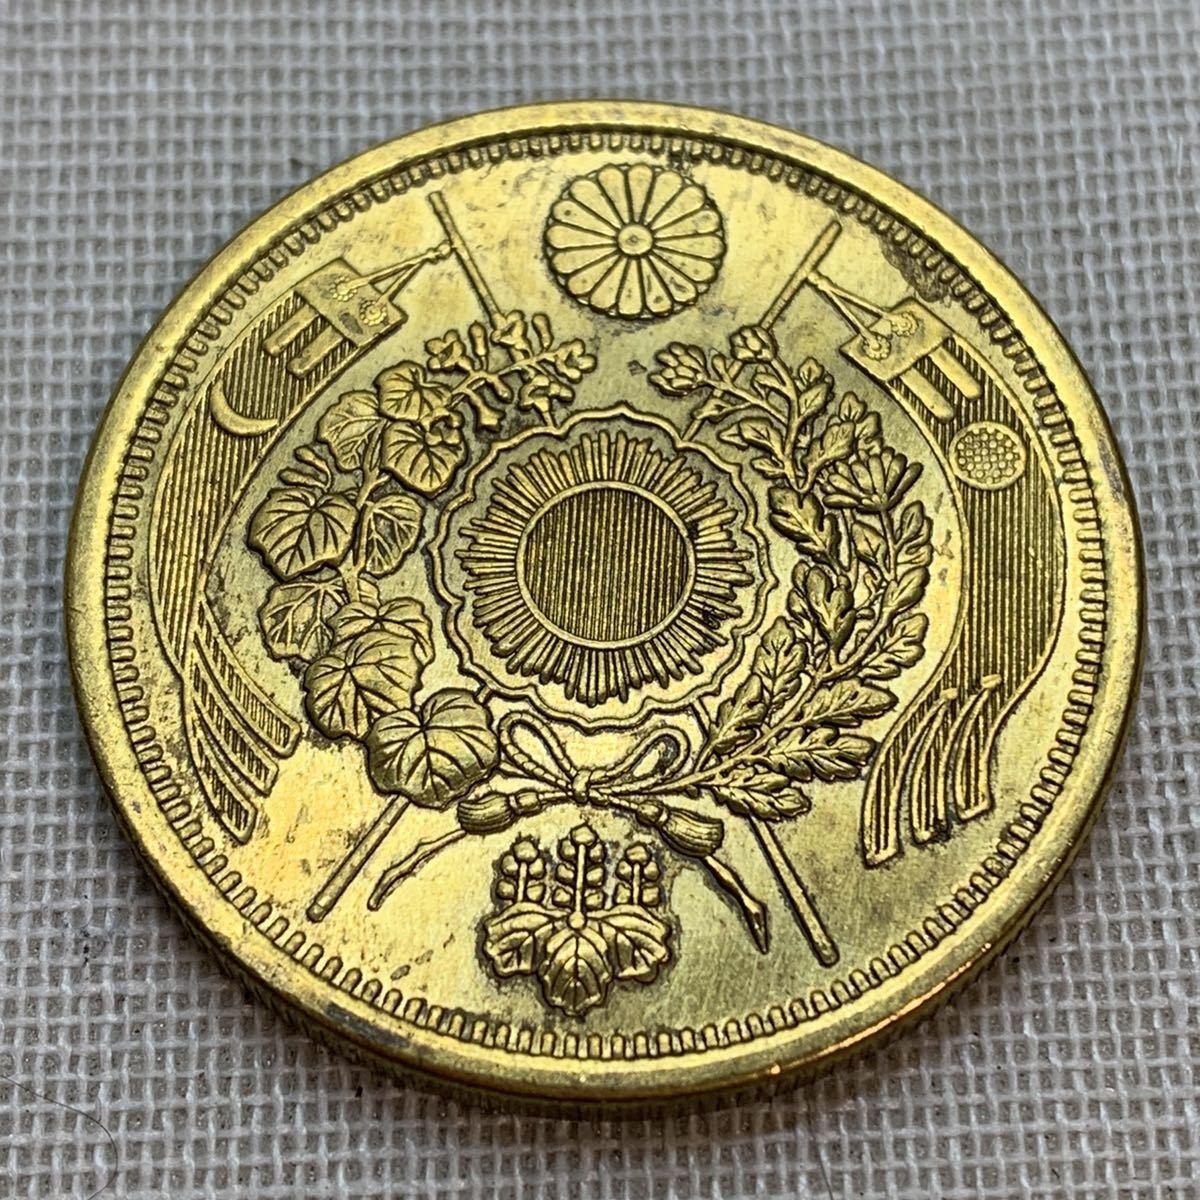 22-431 明治13年 量目約21.66g 明瞭ウロコ 二十圓 金貨 近代銭 古銭 日本硬貨